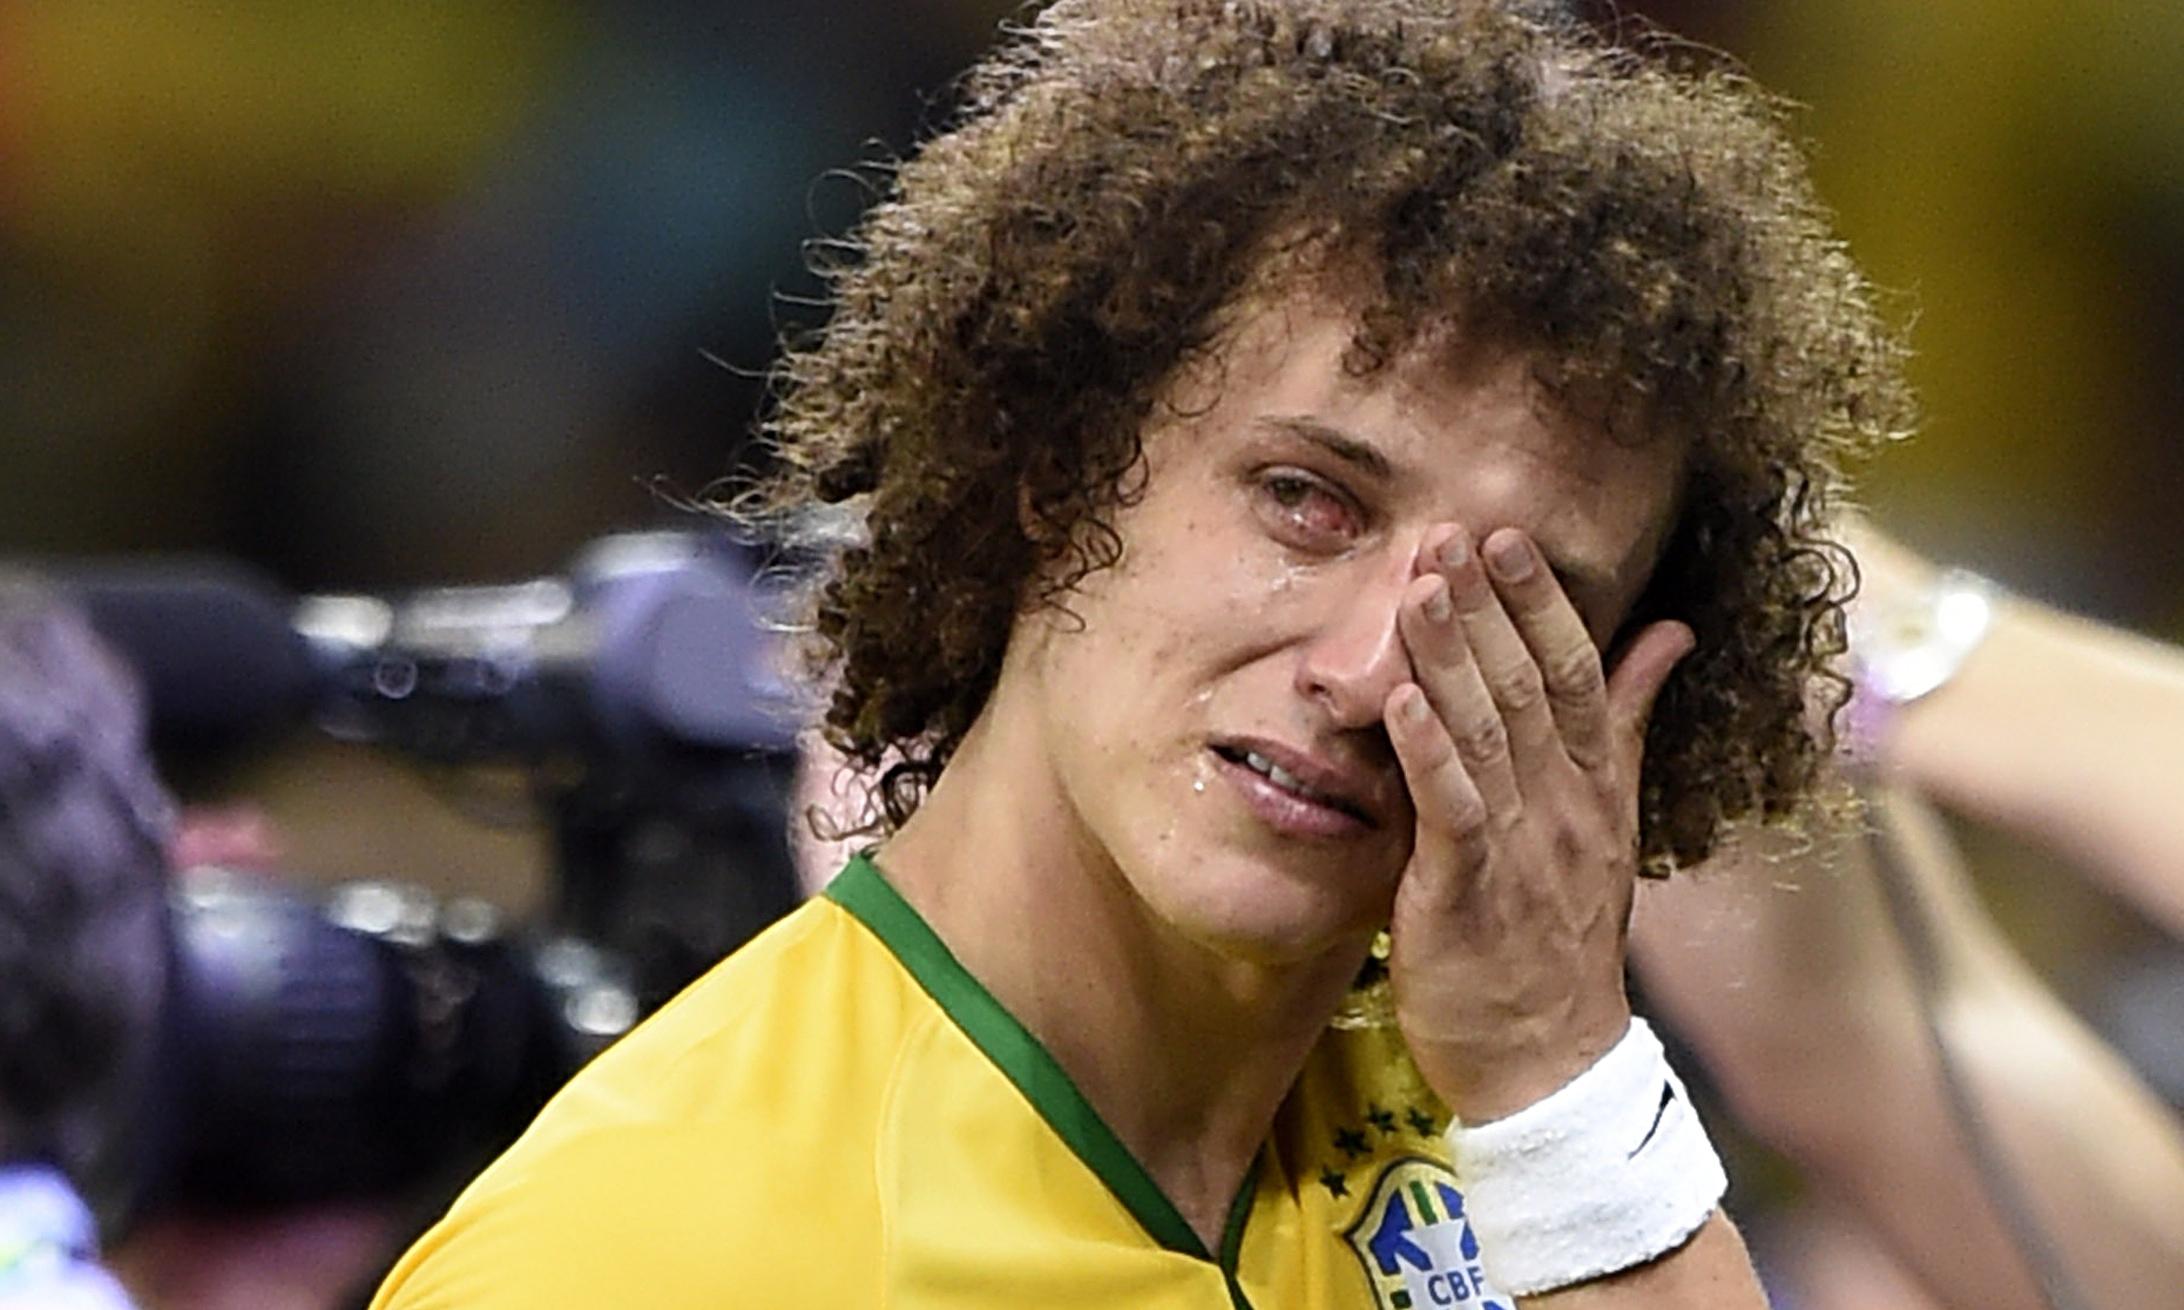 Ο Βραζιλιάνος αμυντικός David Luiz με δάκρυα στα μάτια